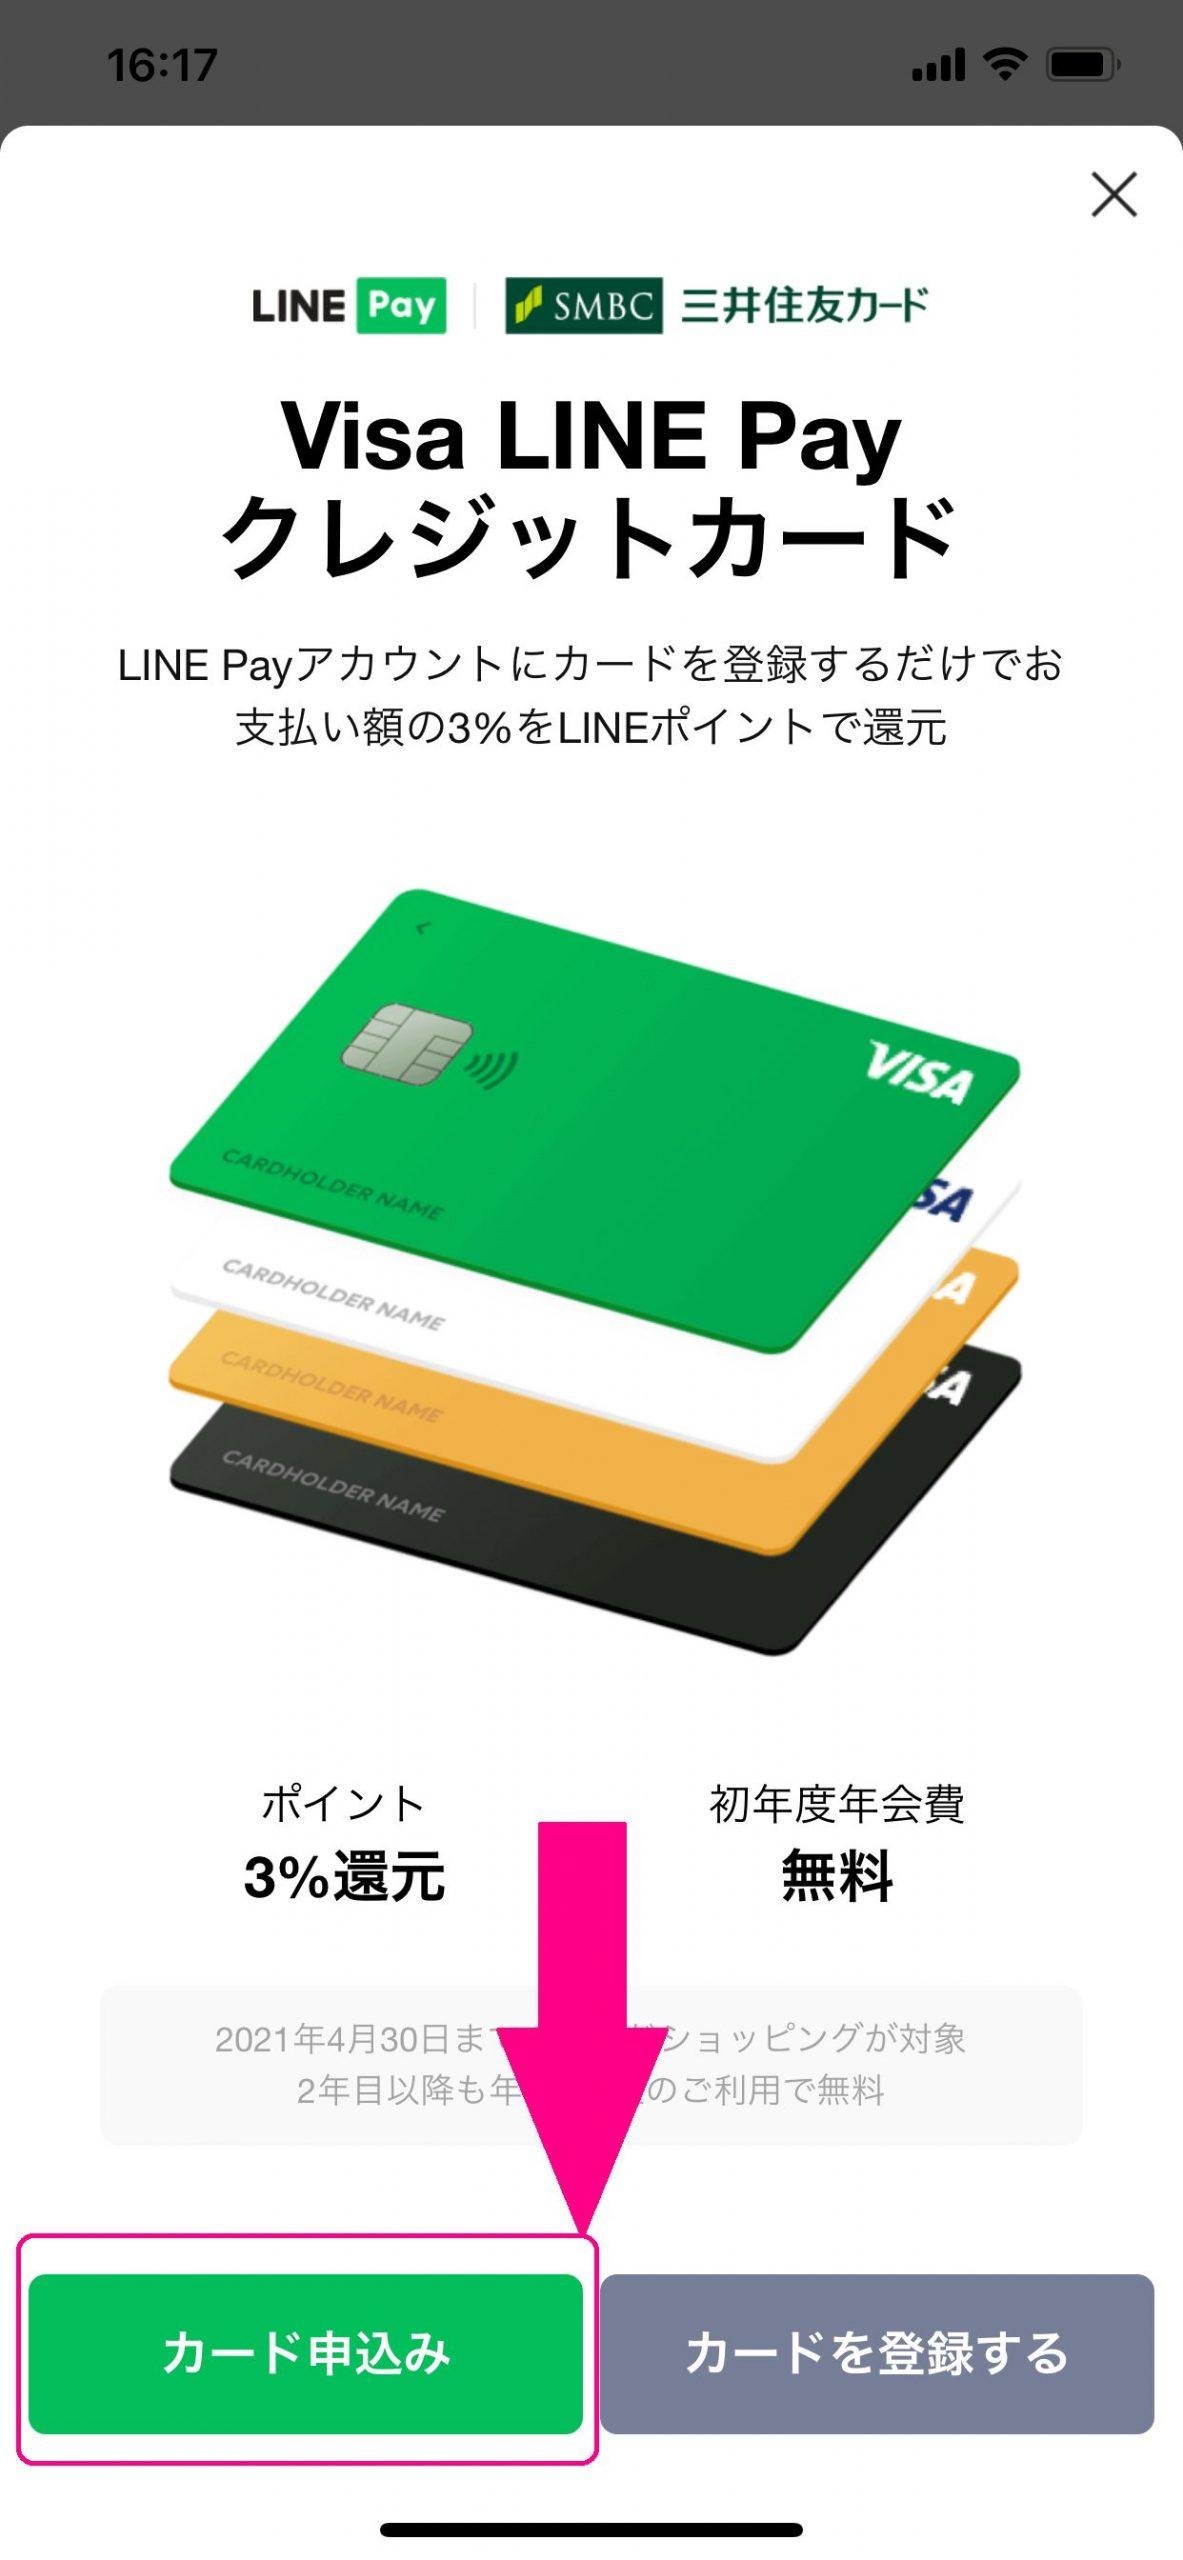 Visa LINE Payクレジットカード申し込み